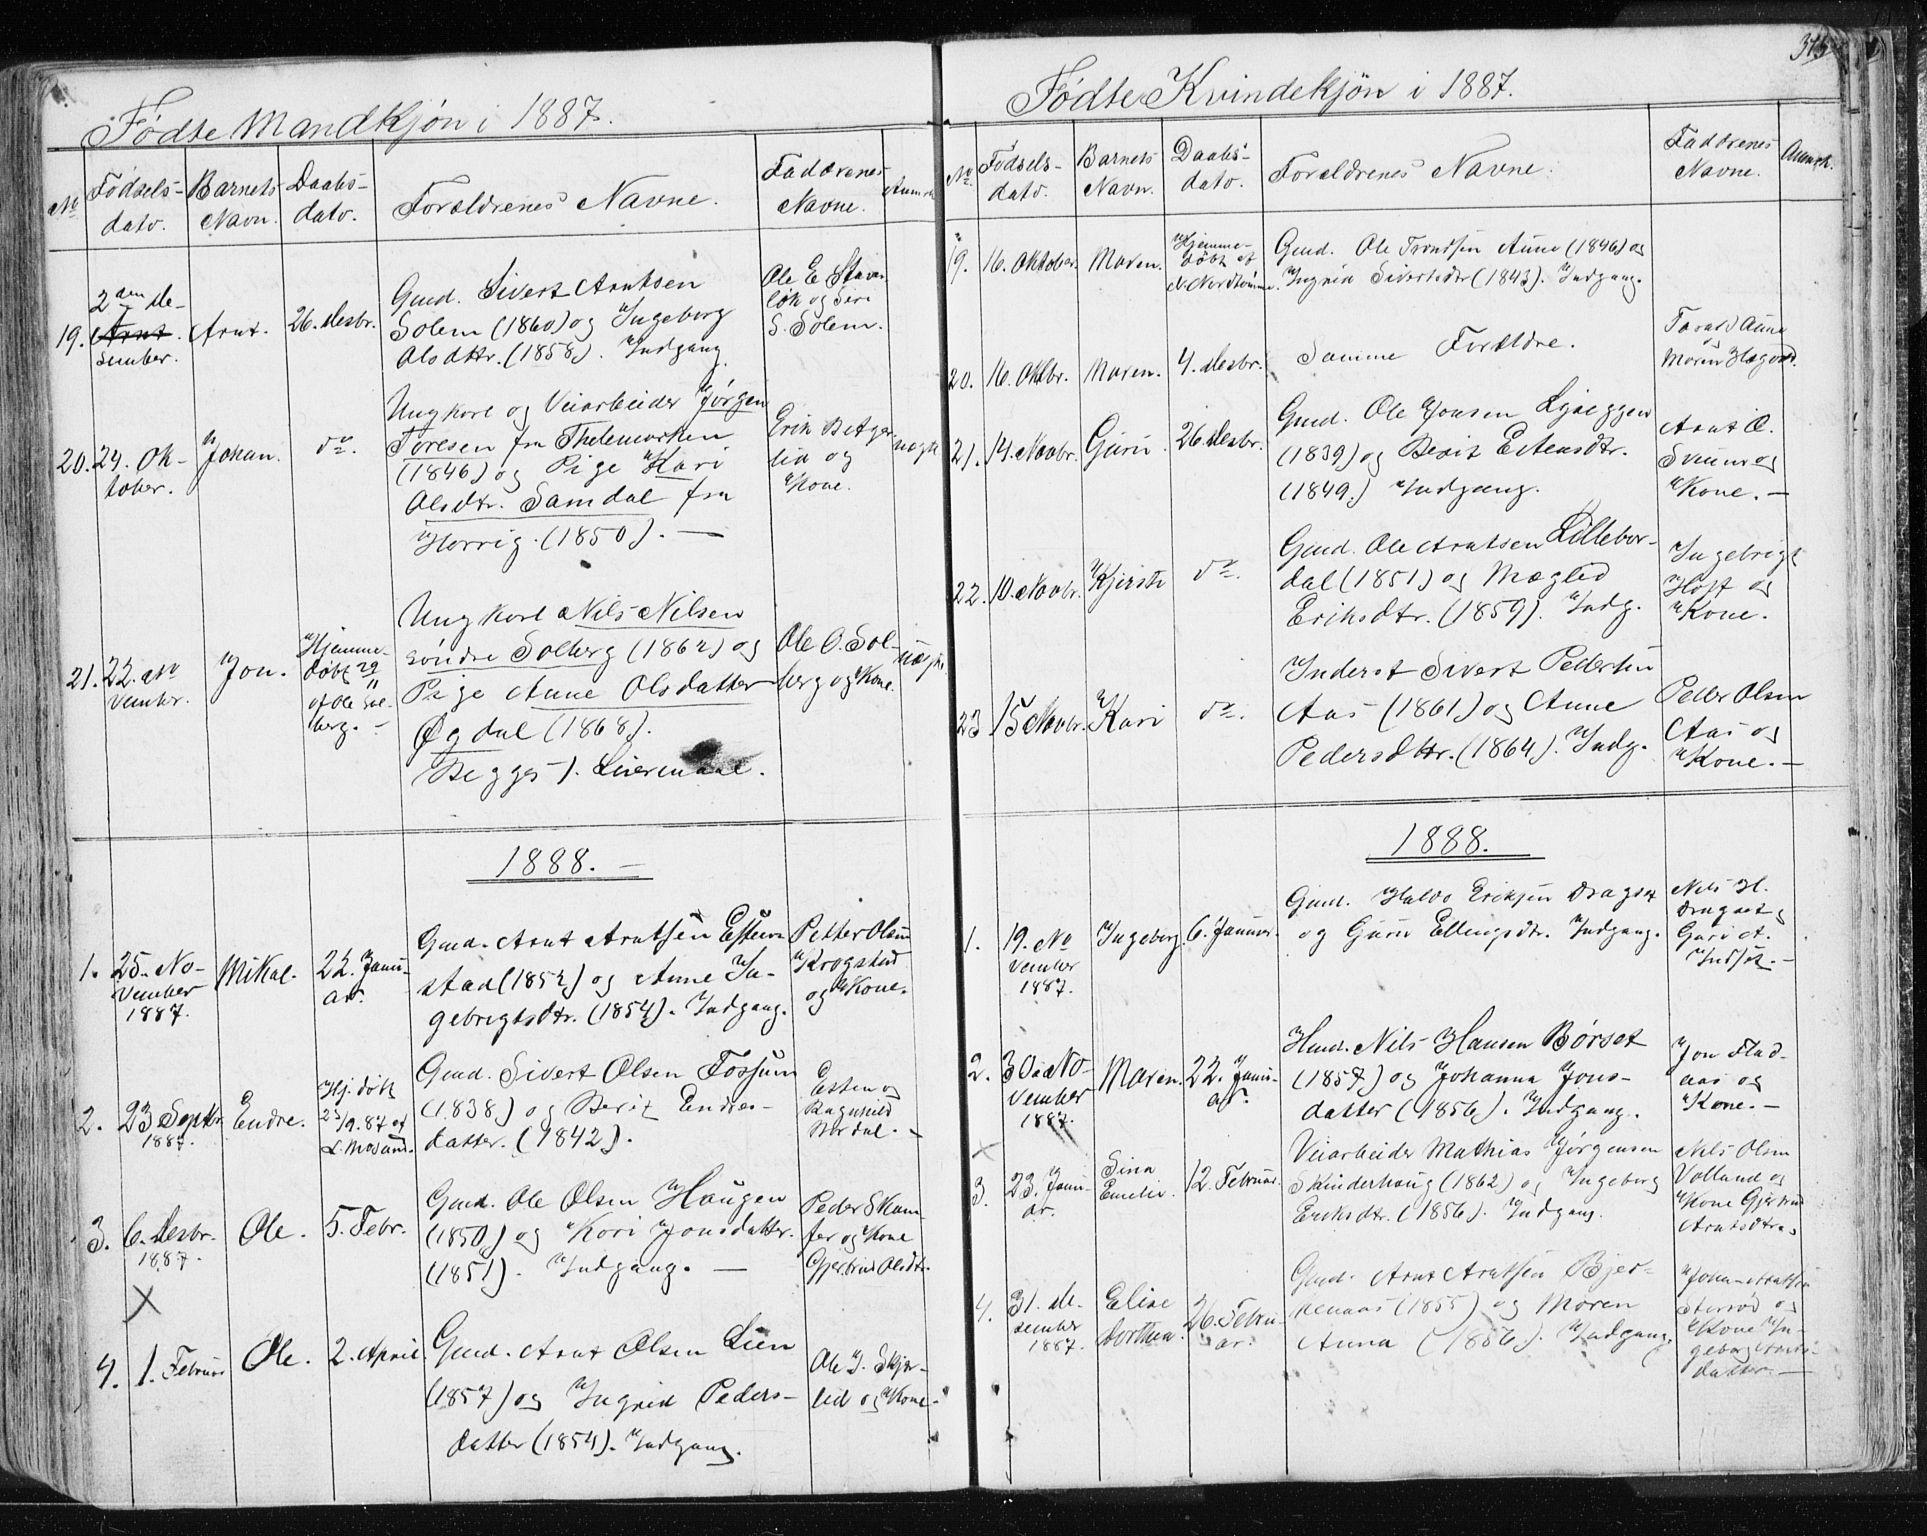 SAT, Ministerialprotokoller, klokkerbøker og fødselsregistre - Sør-Trøndelag, 689/L1043: Klokkerbok nr. 689C02, 1816-1892, s. 345